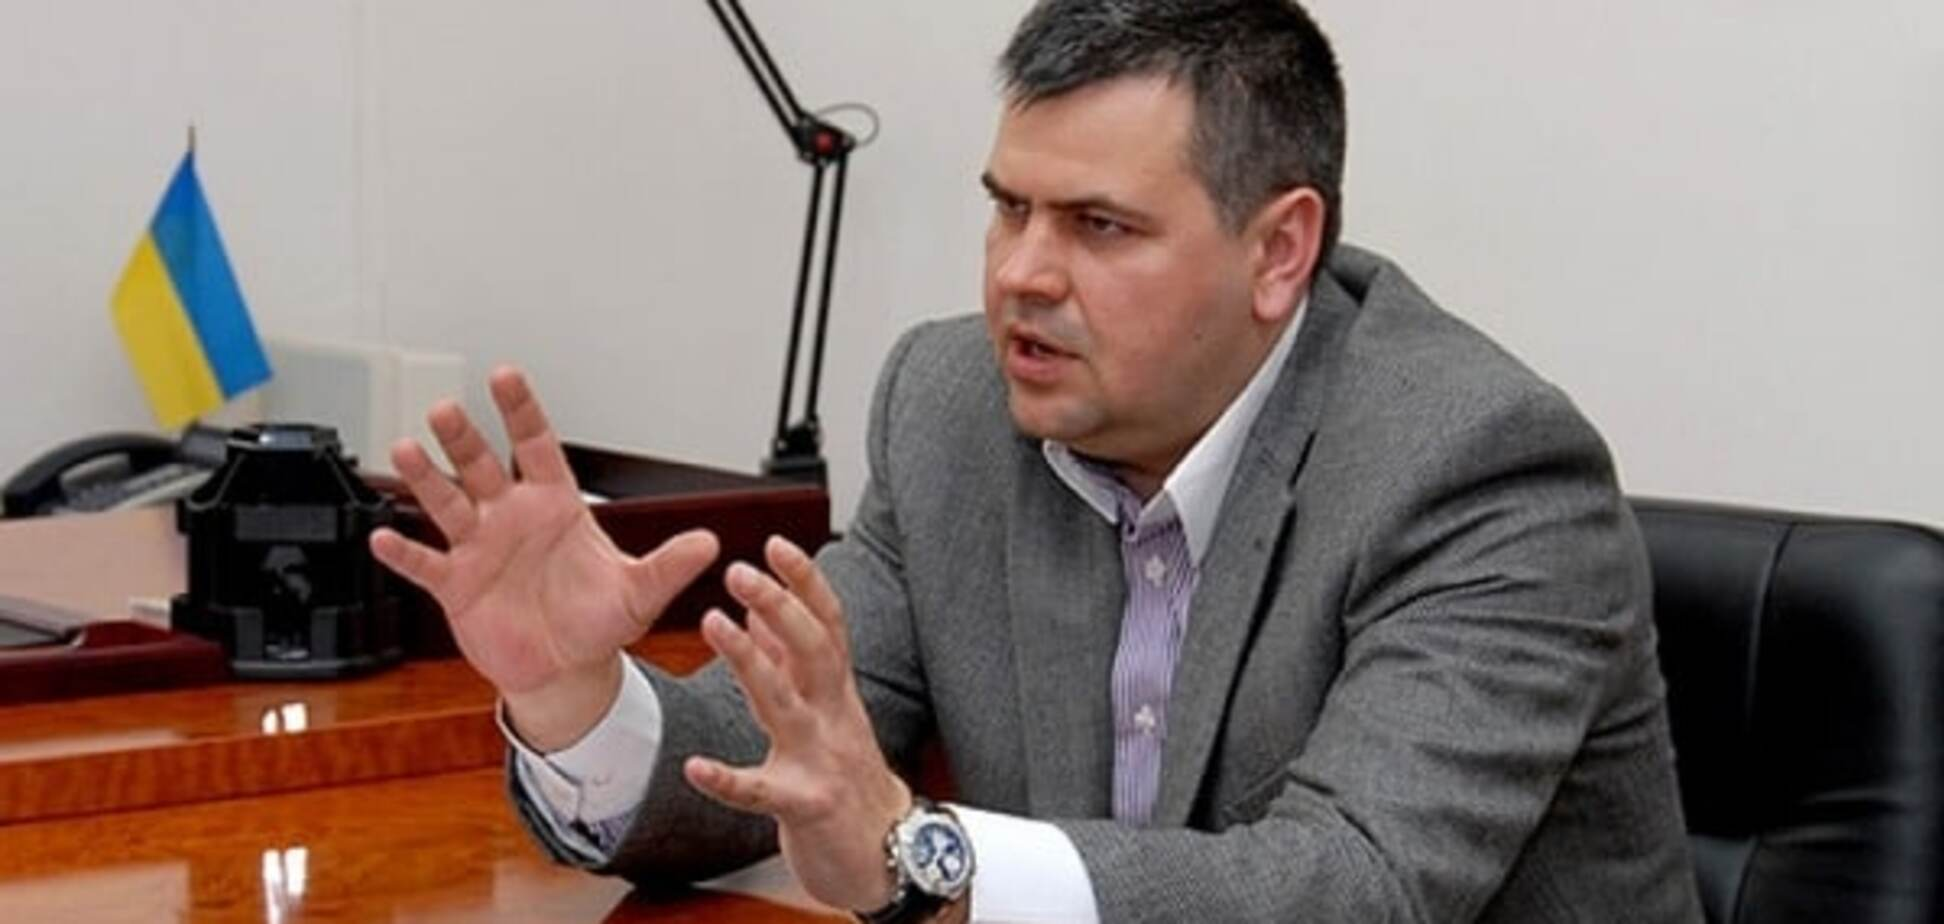 Деканоїдзе звільнила 'важняка' Авакова, який кришував корупцію і рекет - Саакашвілі